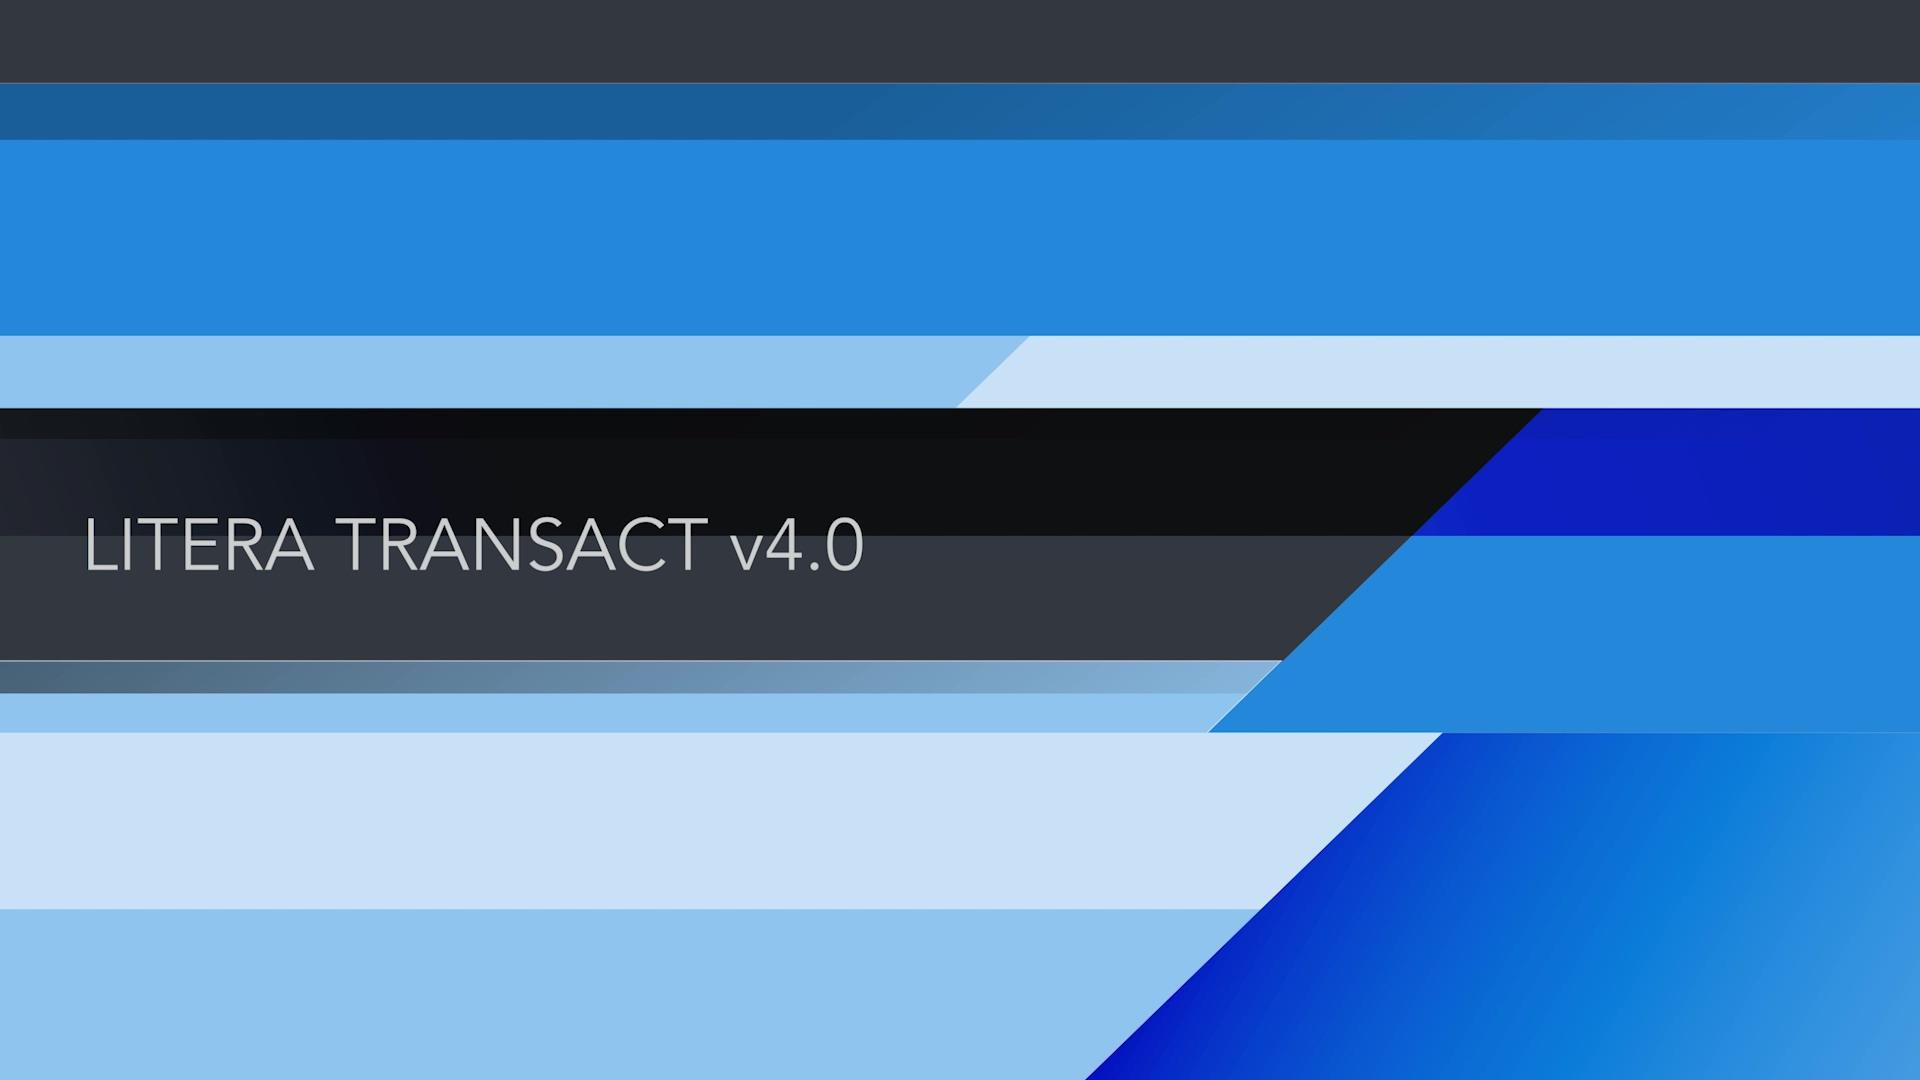 Litera Transact v4.0.0